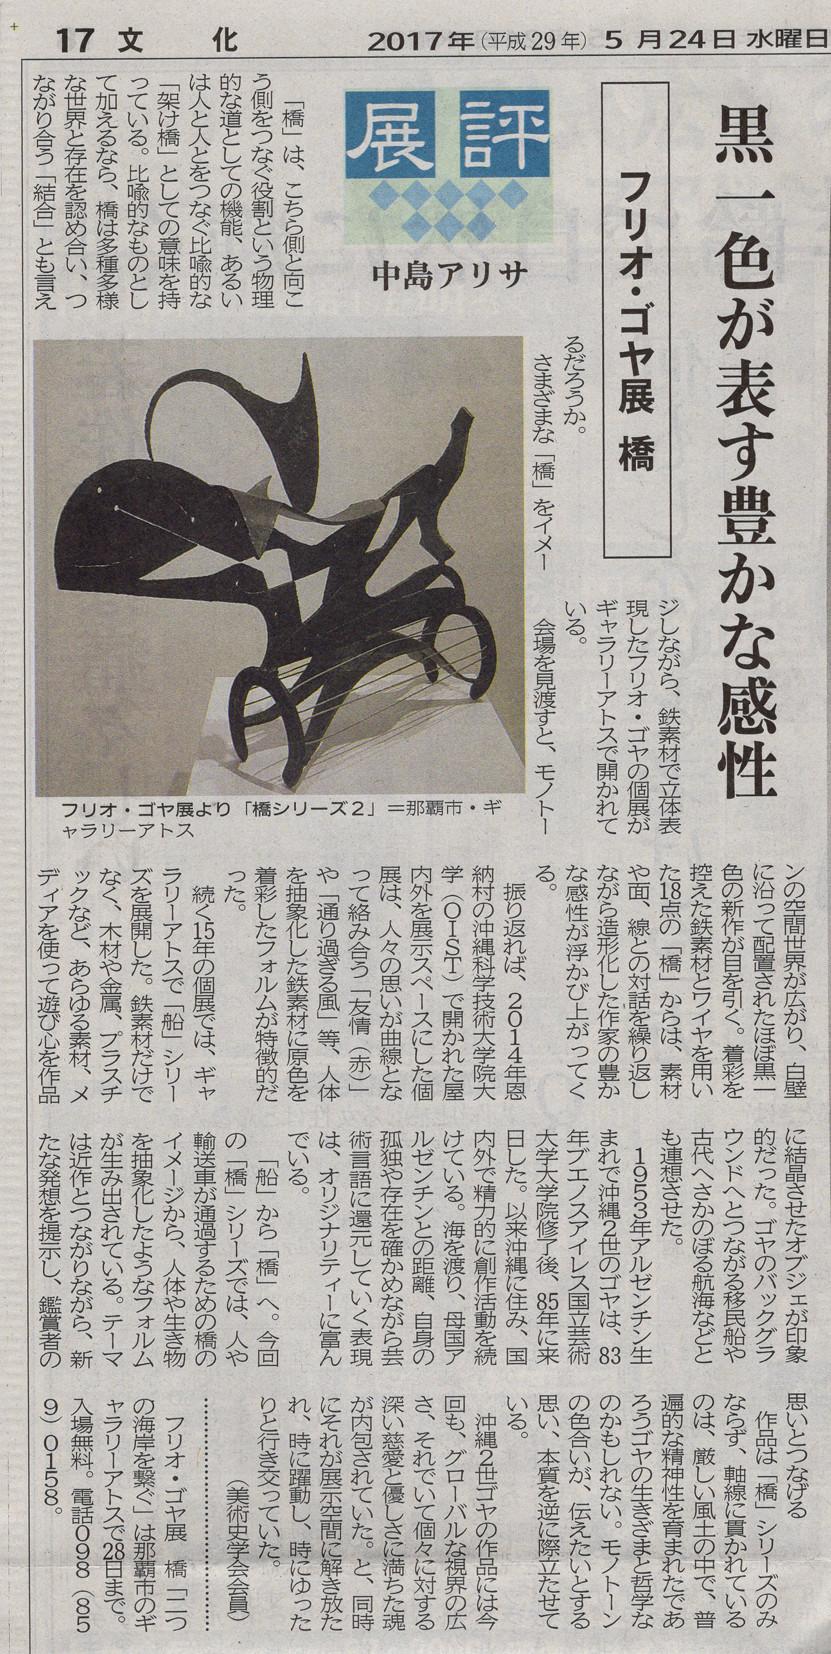 沖縄タイムス 2017年5月24日(水)